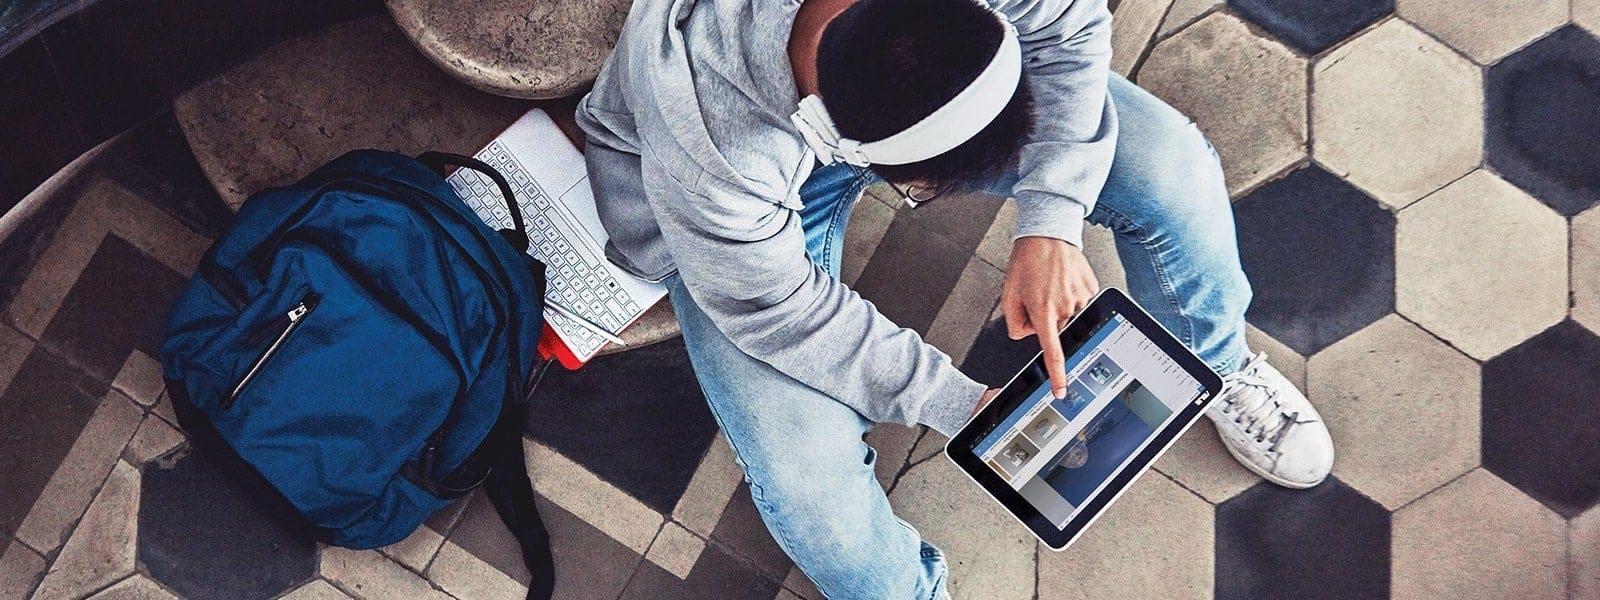 Student gleda u Windows 10 uređaj